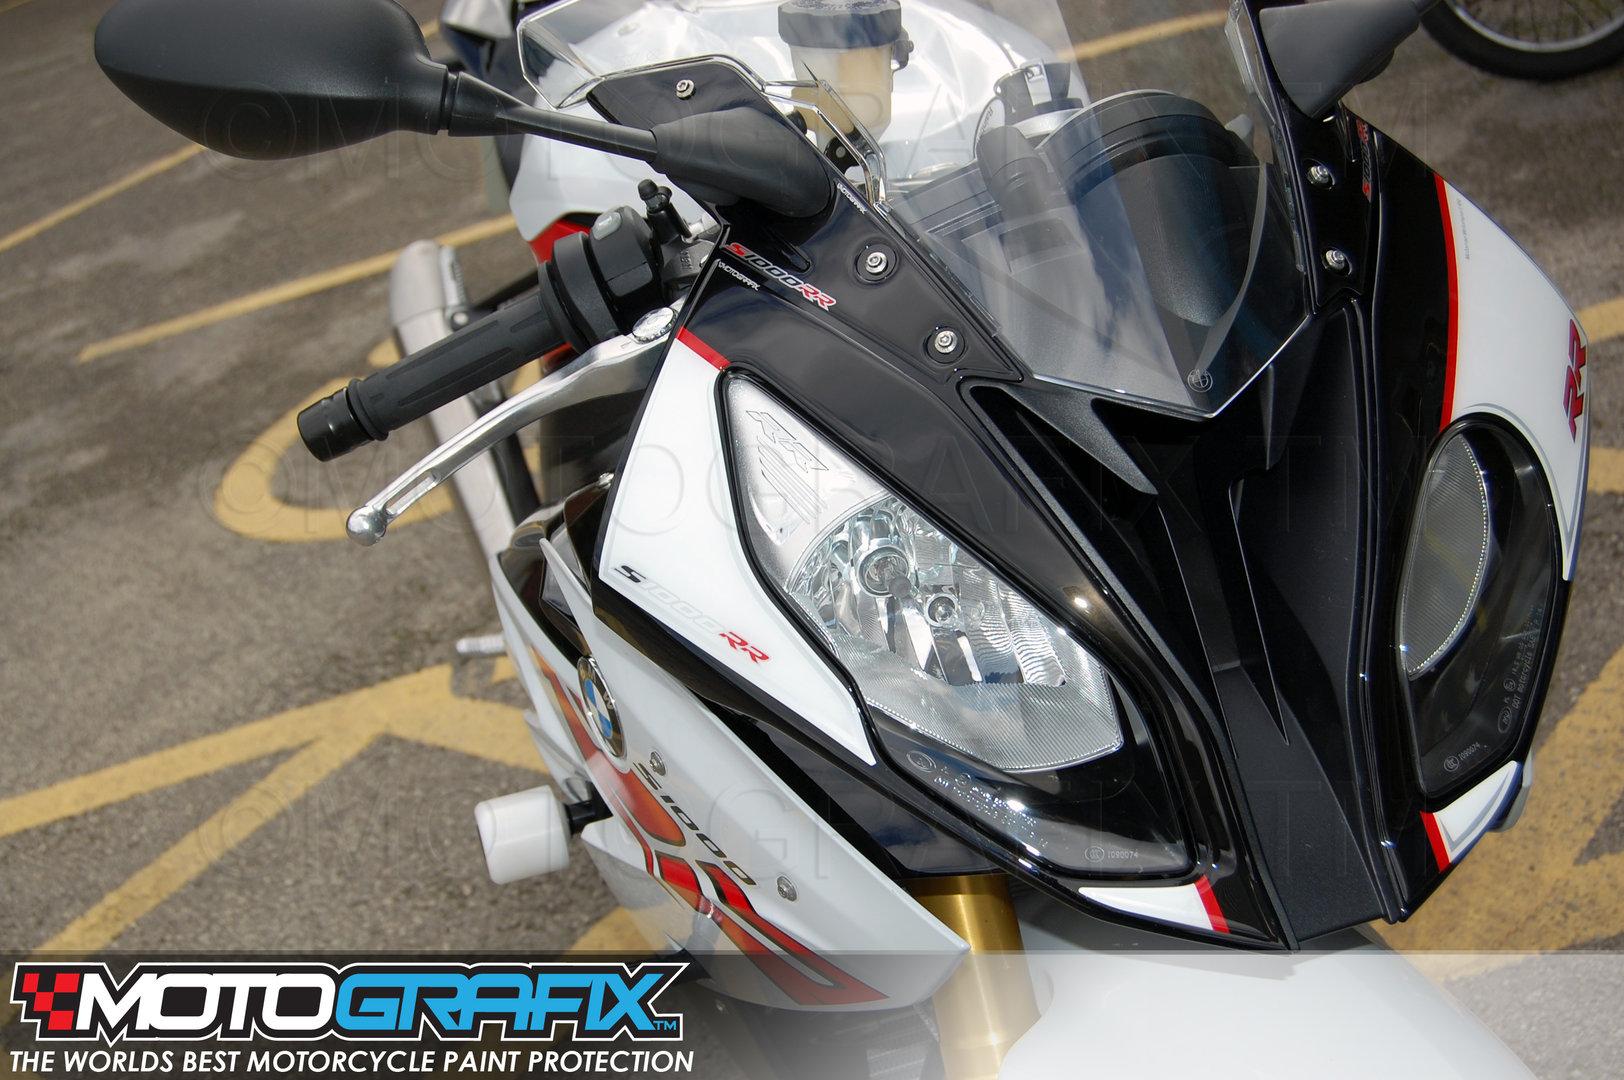 Bmw S1000rr 2017 Front Fairing Motografix Number Board 3d Gel